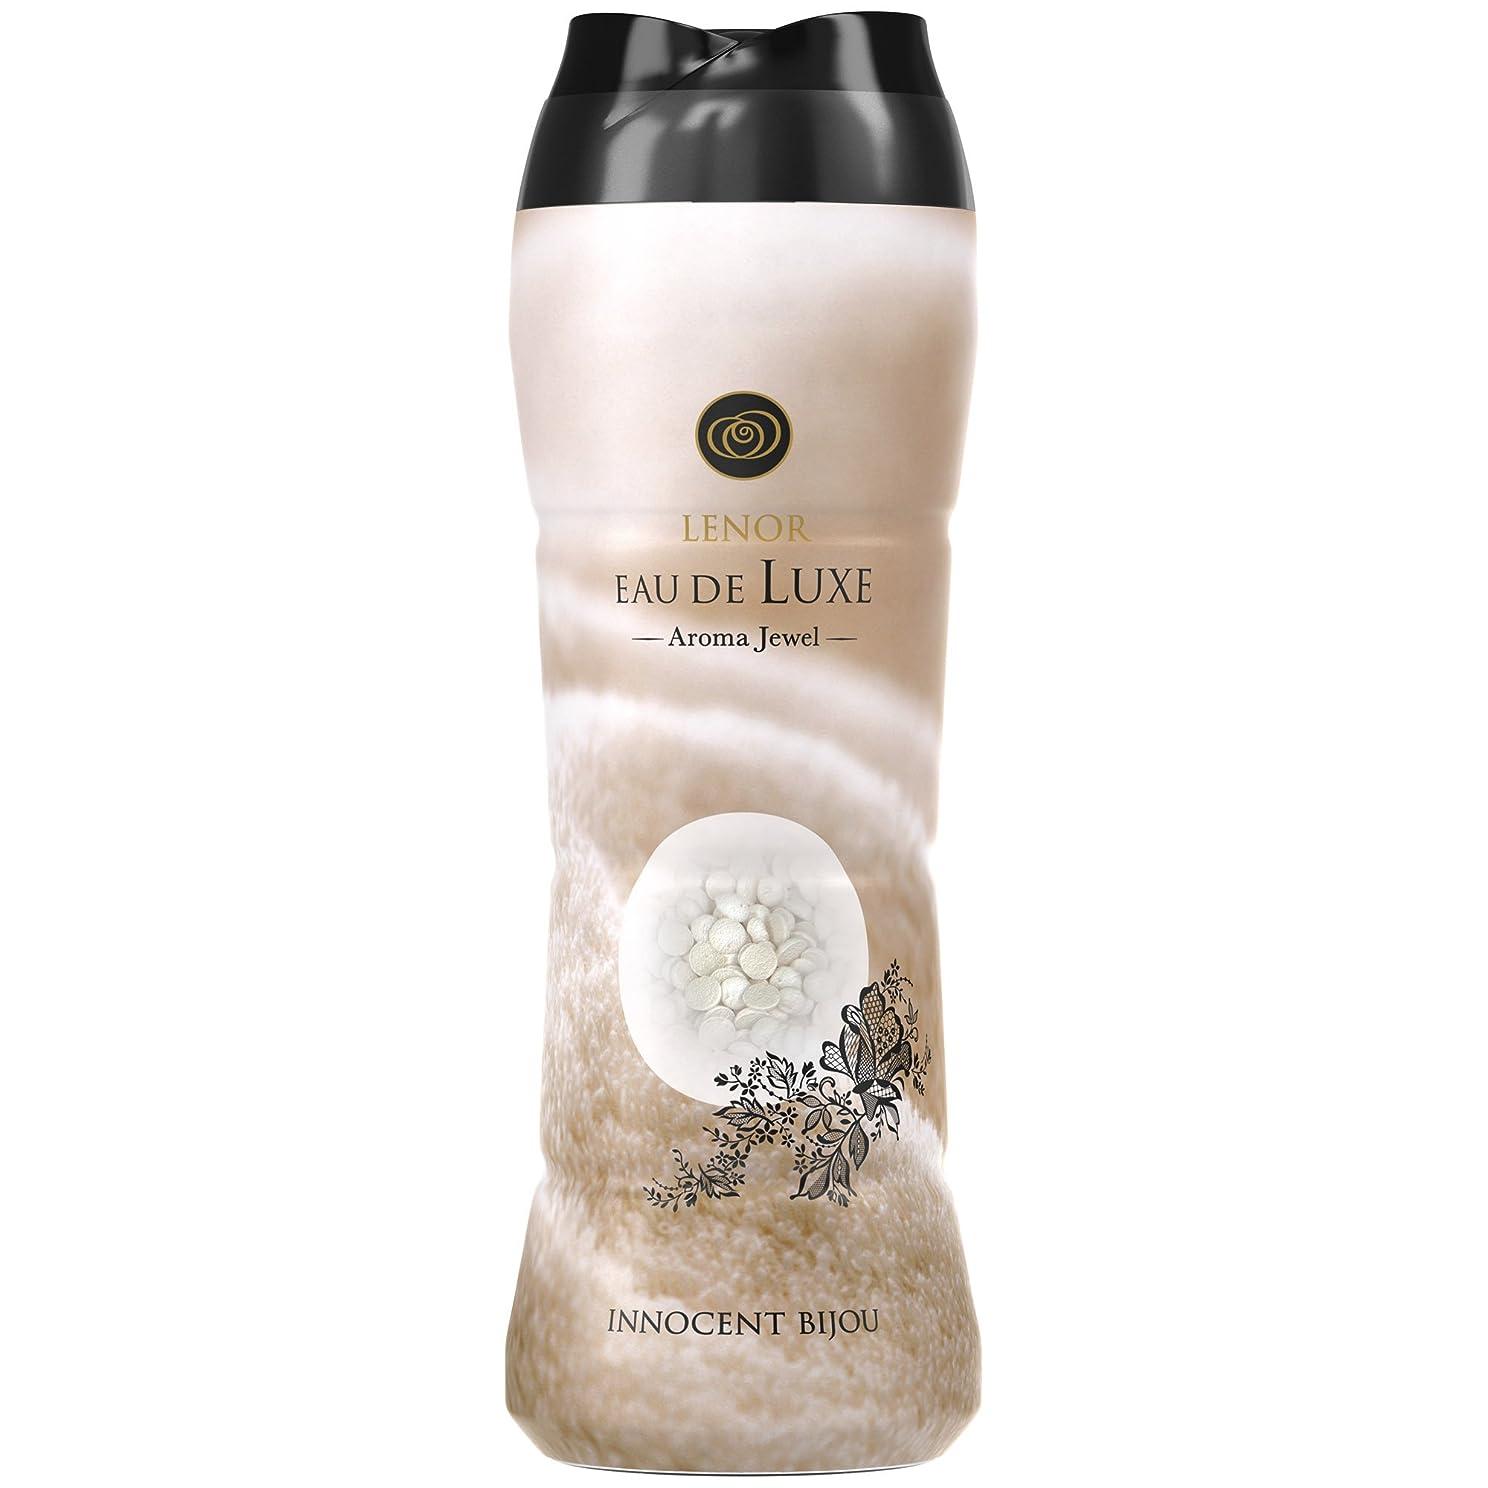 砲撃ユダヤ人共和党レノア オードリュクス アロマジュエル 香り付け専用ビーズ イノセントビジュの香り 520mL